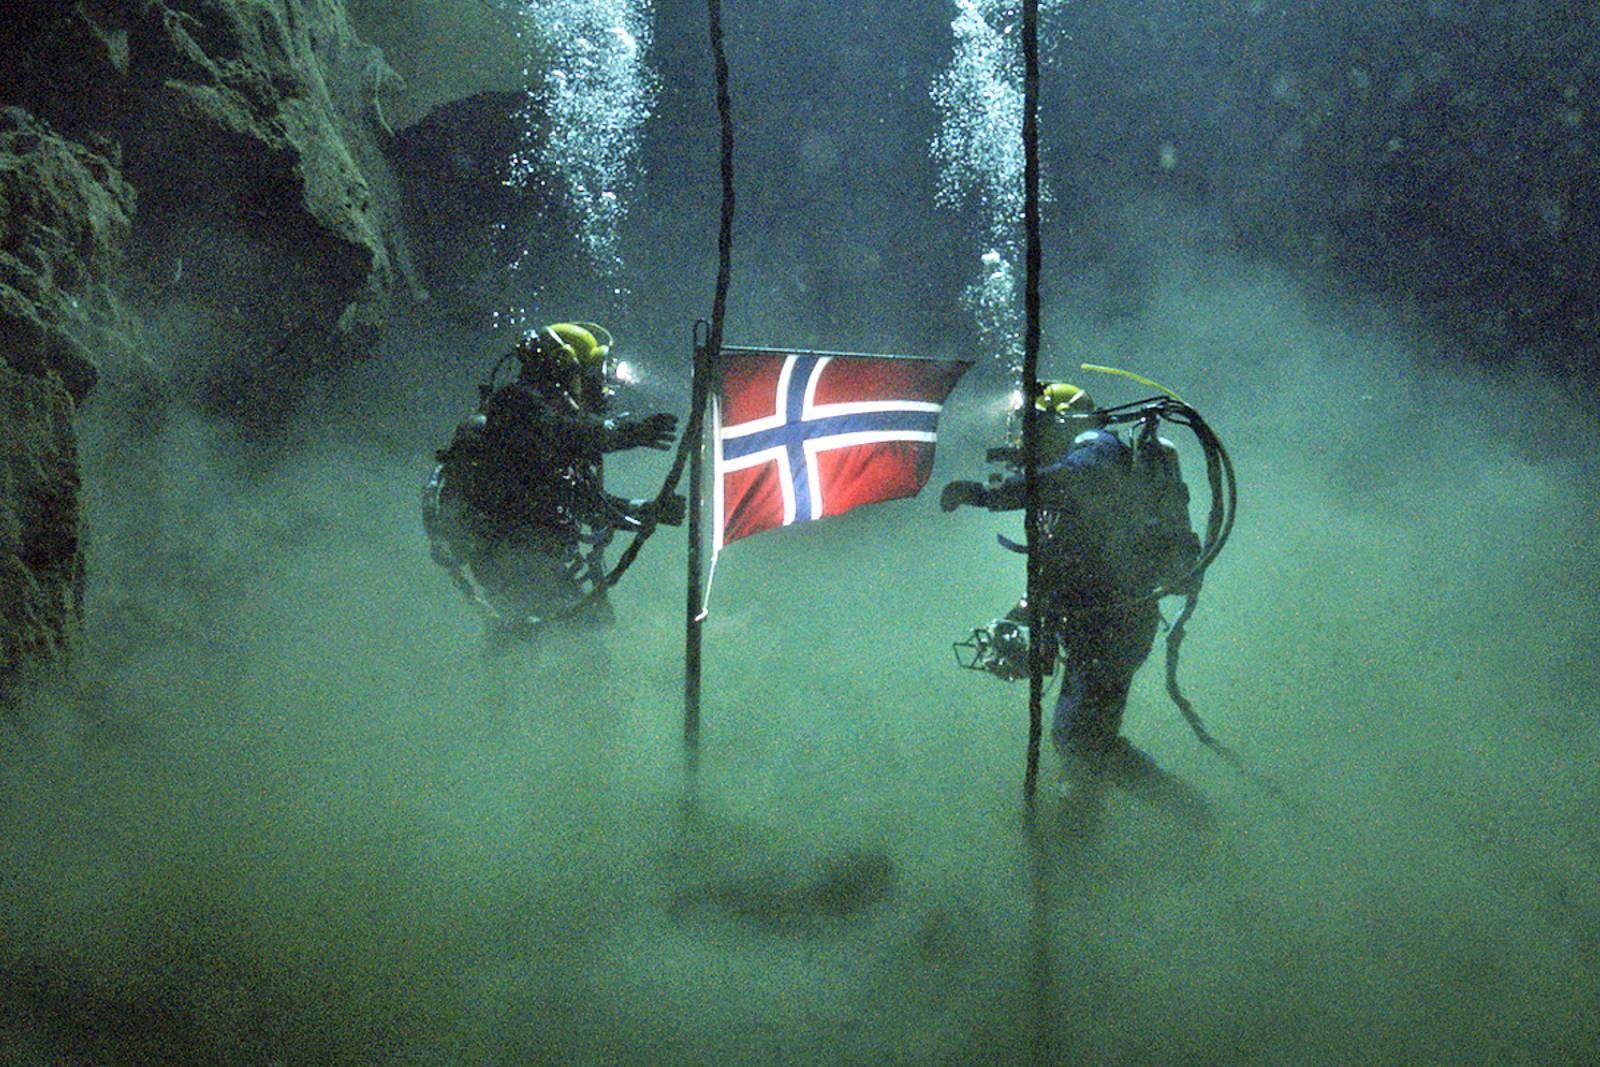 MÅNELANDING I DYPET: Undervannsscenene fra rørleggingen i Norskerenna er noe av det flotteste som er vist i noen norsk film.  FOTO: FILMWEB